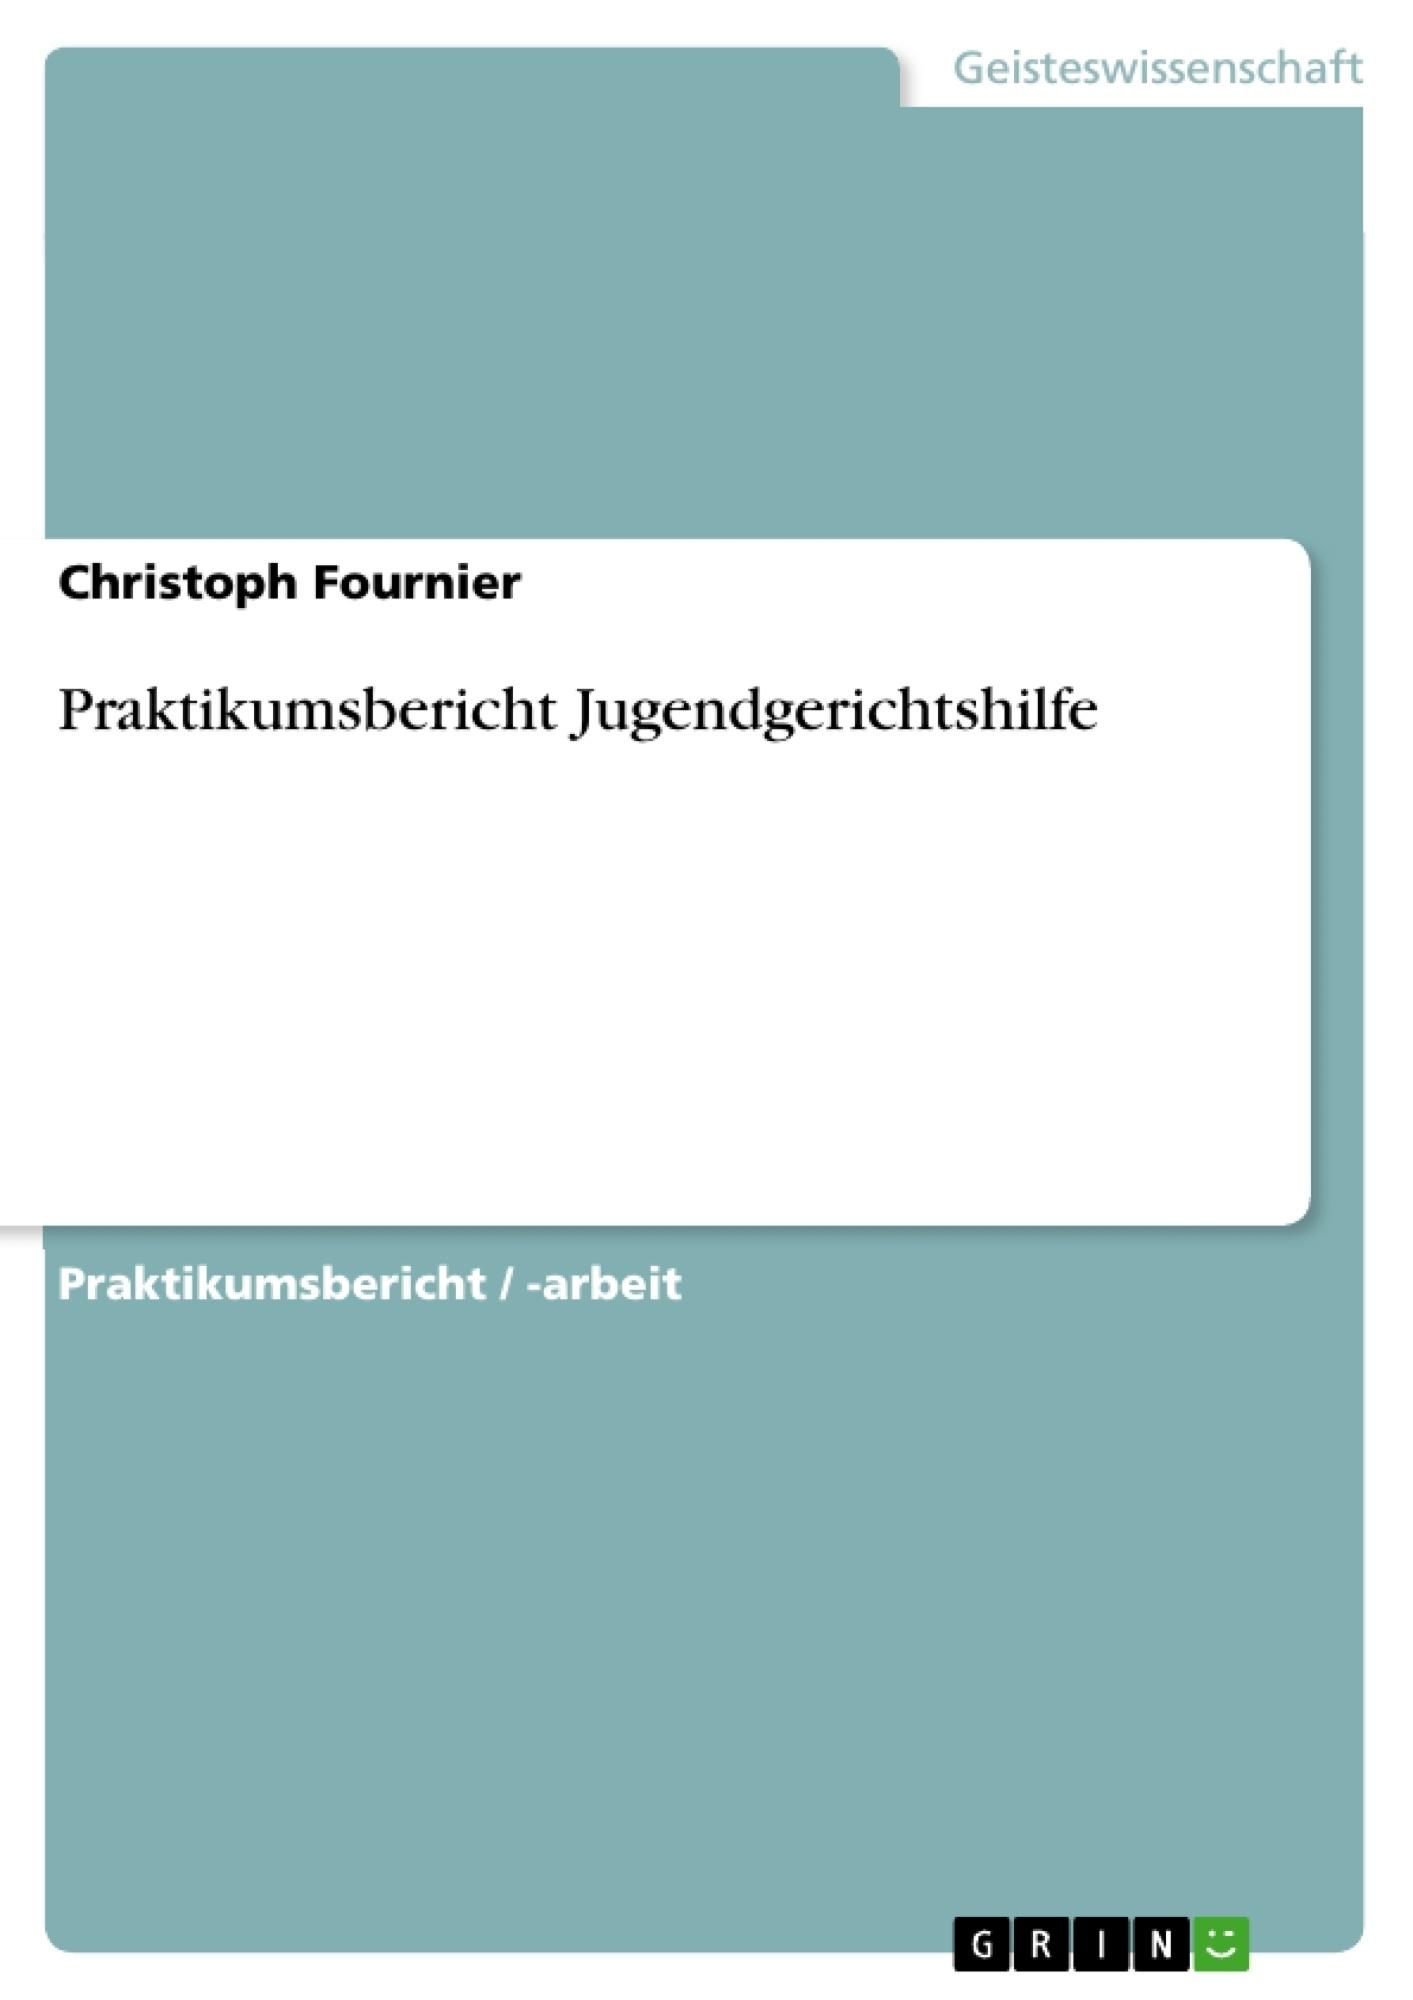 Titel: Praktikumsbericht Jugendgerichtshilfe